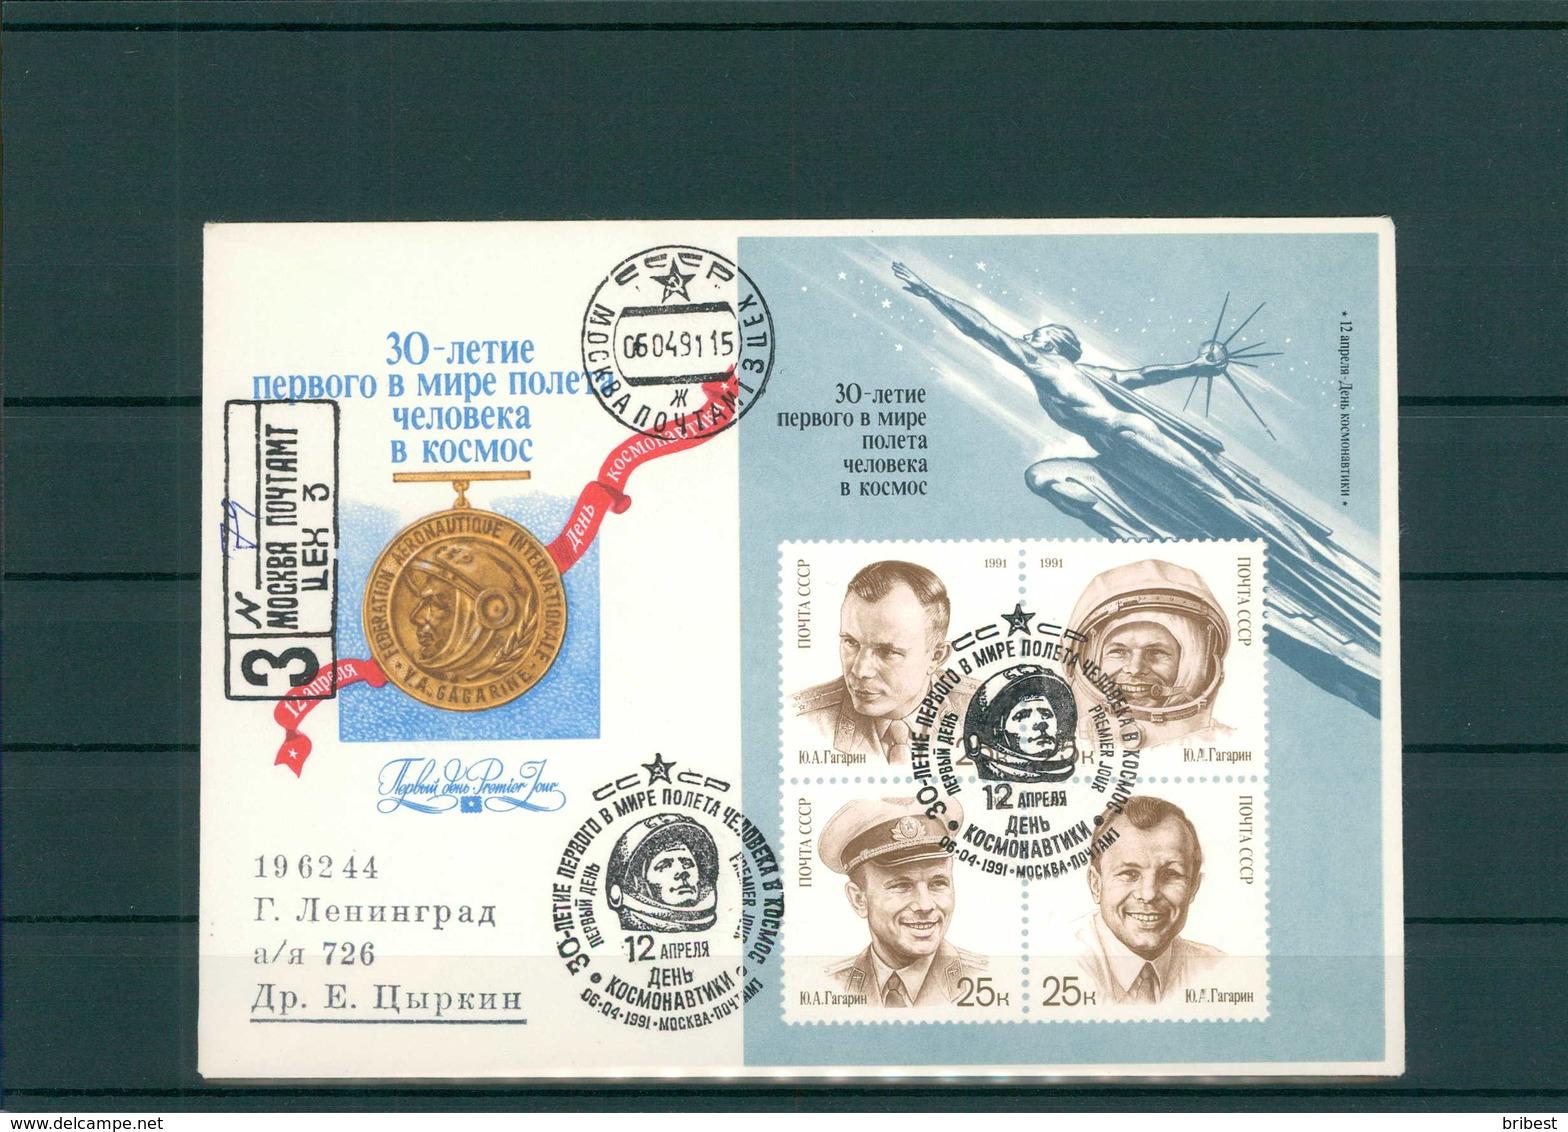 SOWJETUNION 1991 Beleg Siehe Beschreibung (200940) - Russland & UdSSR